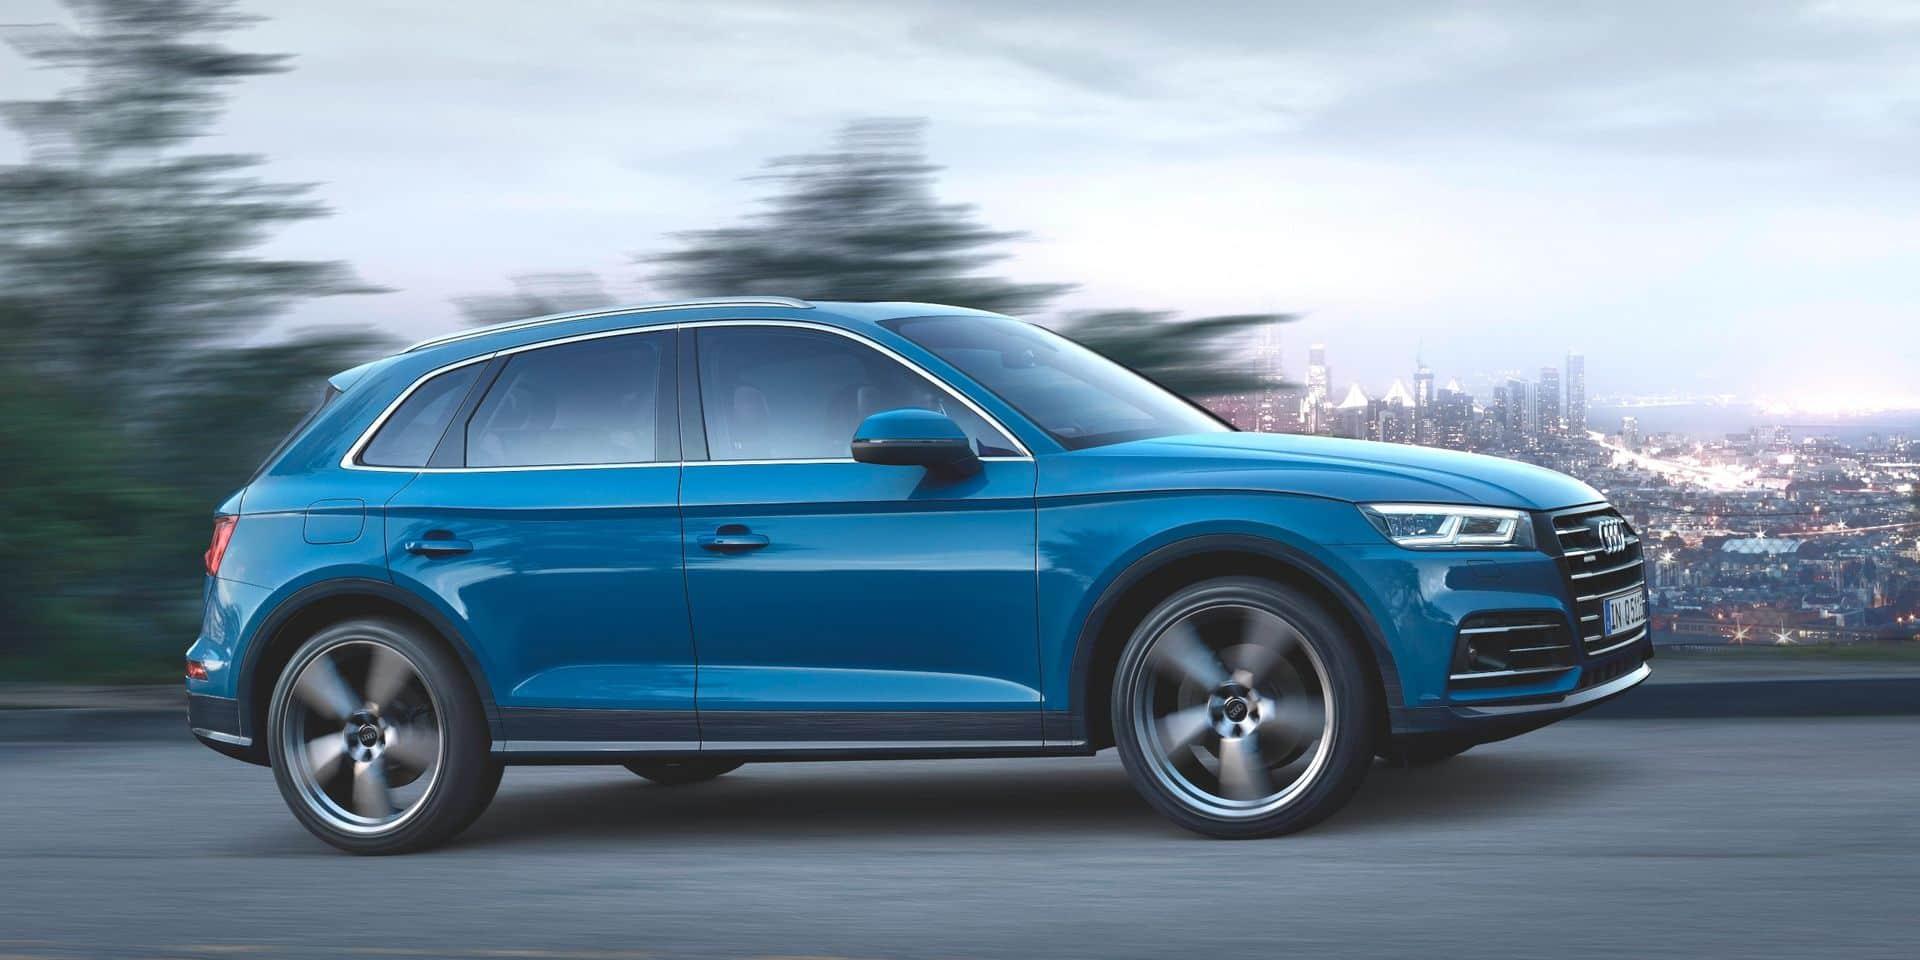 Essai Audi Q5 55 TFSI e quattro : ce SUV consomme (vraiment) moins de 4 l/100 km !